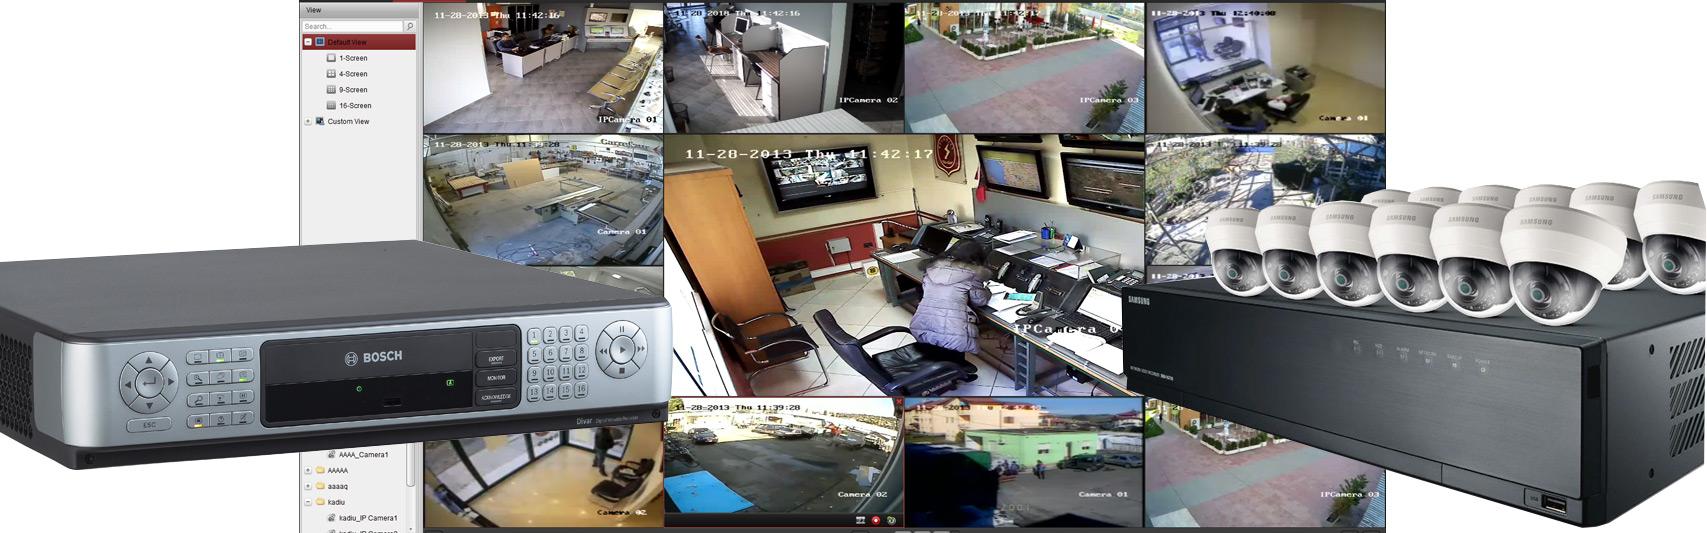 CCTV_nvrs